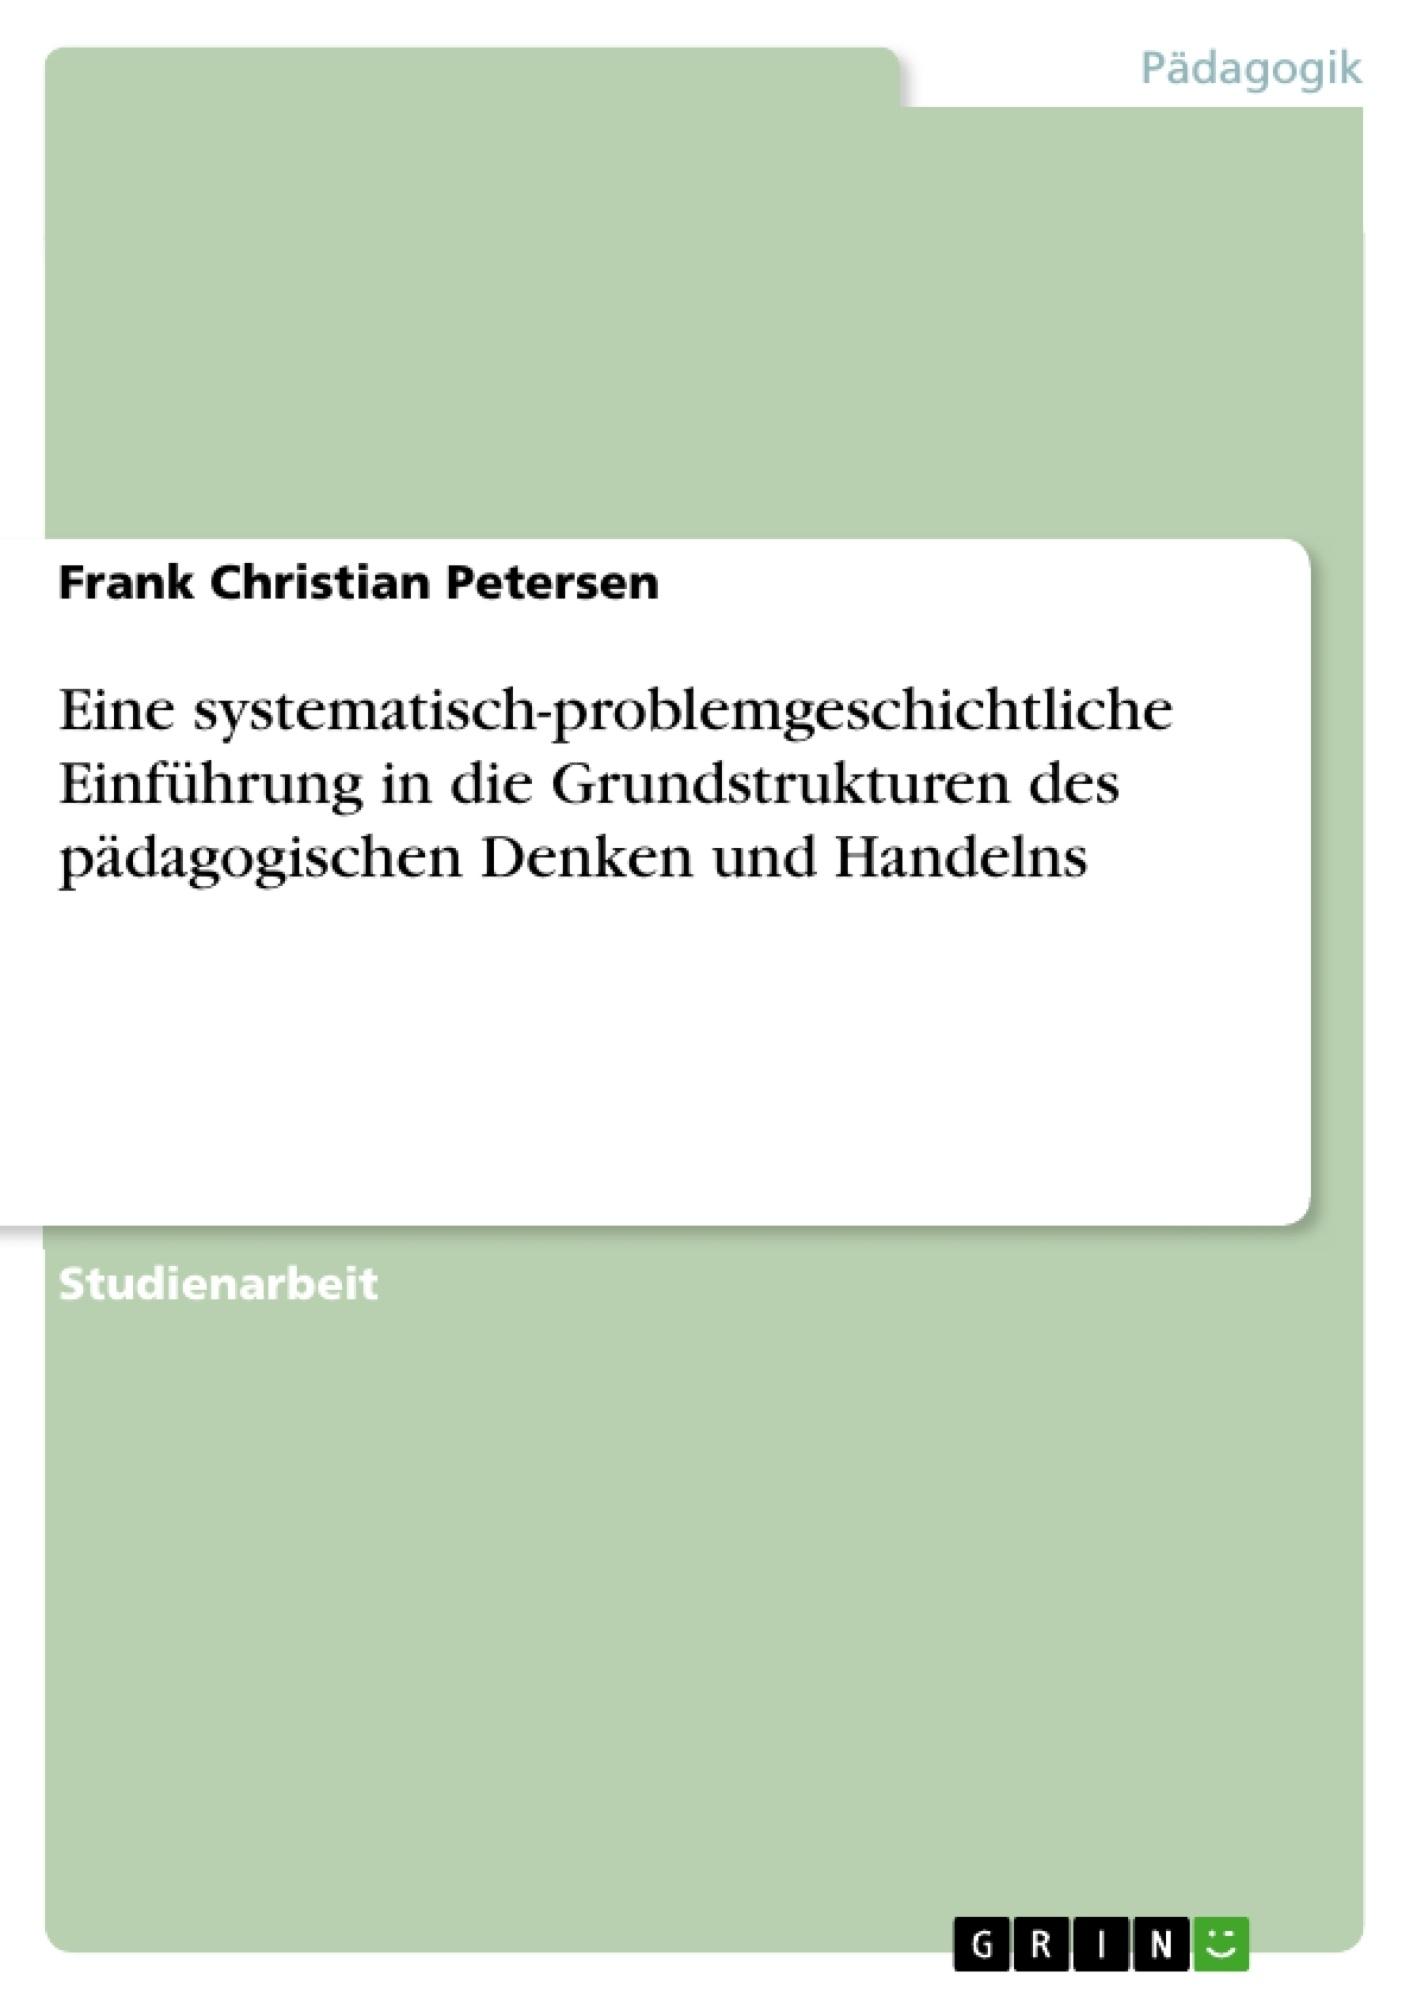 Titel: Eine systematisch-problemgeschichtliche Einführung in die Grundstrukturen des pädagogischen Denken und Handelns